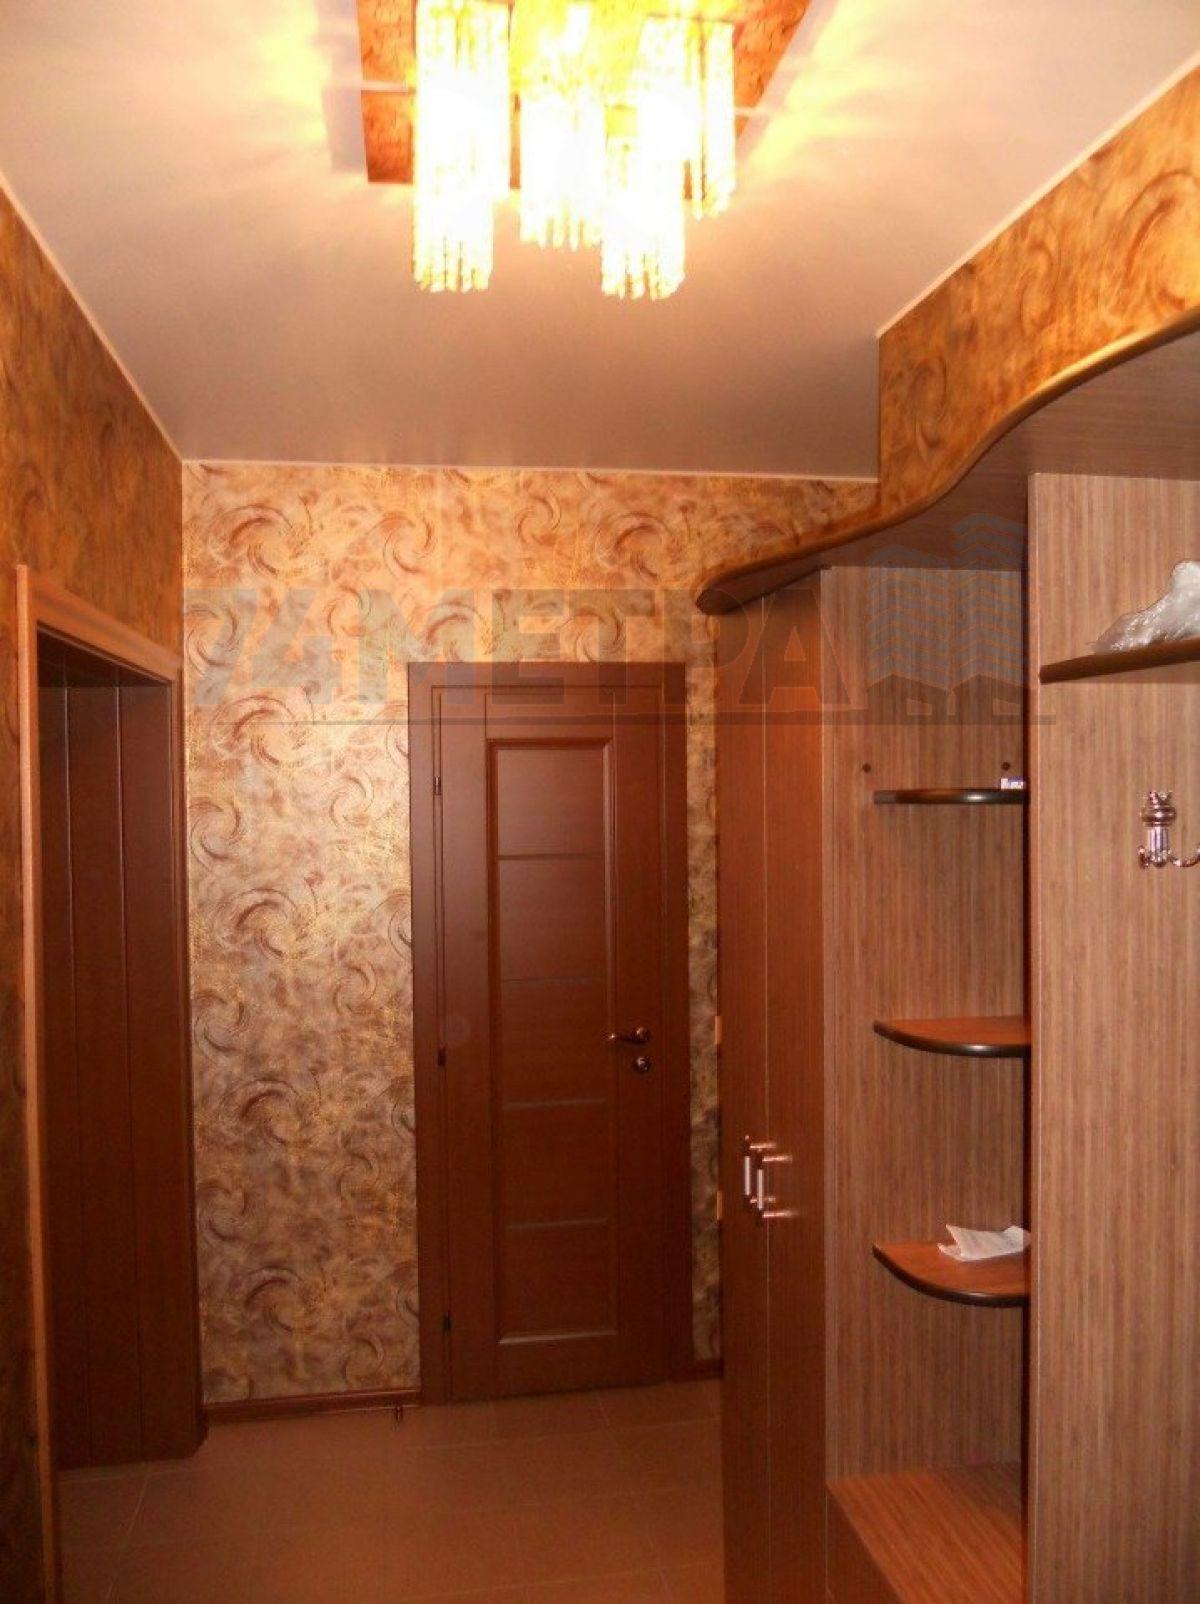 25 000 ₽, 1 - комнатная квартира, площадь 43 м², этаж 4/10